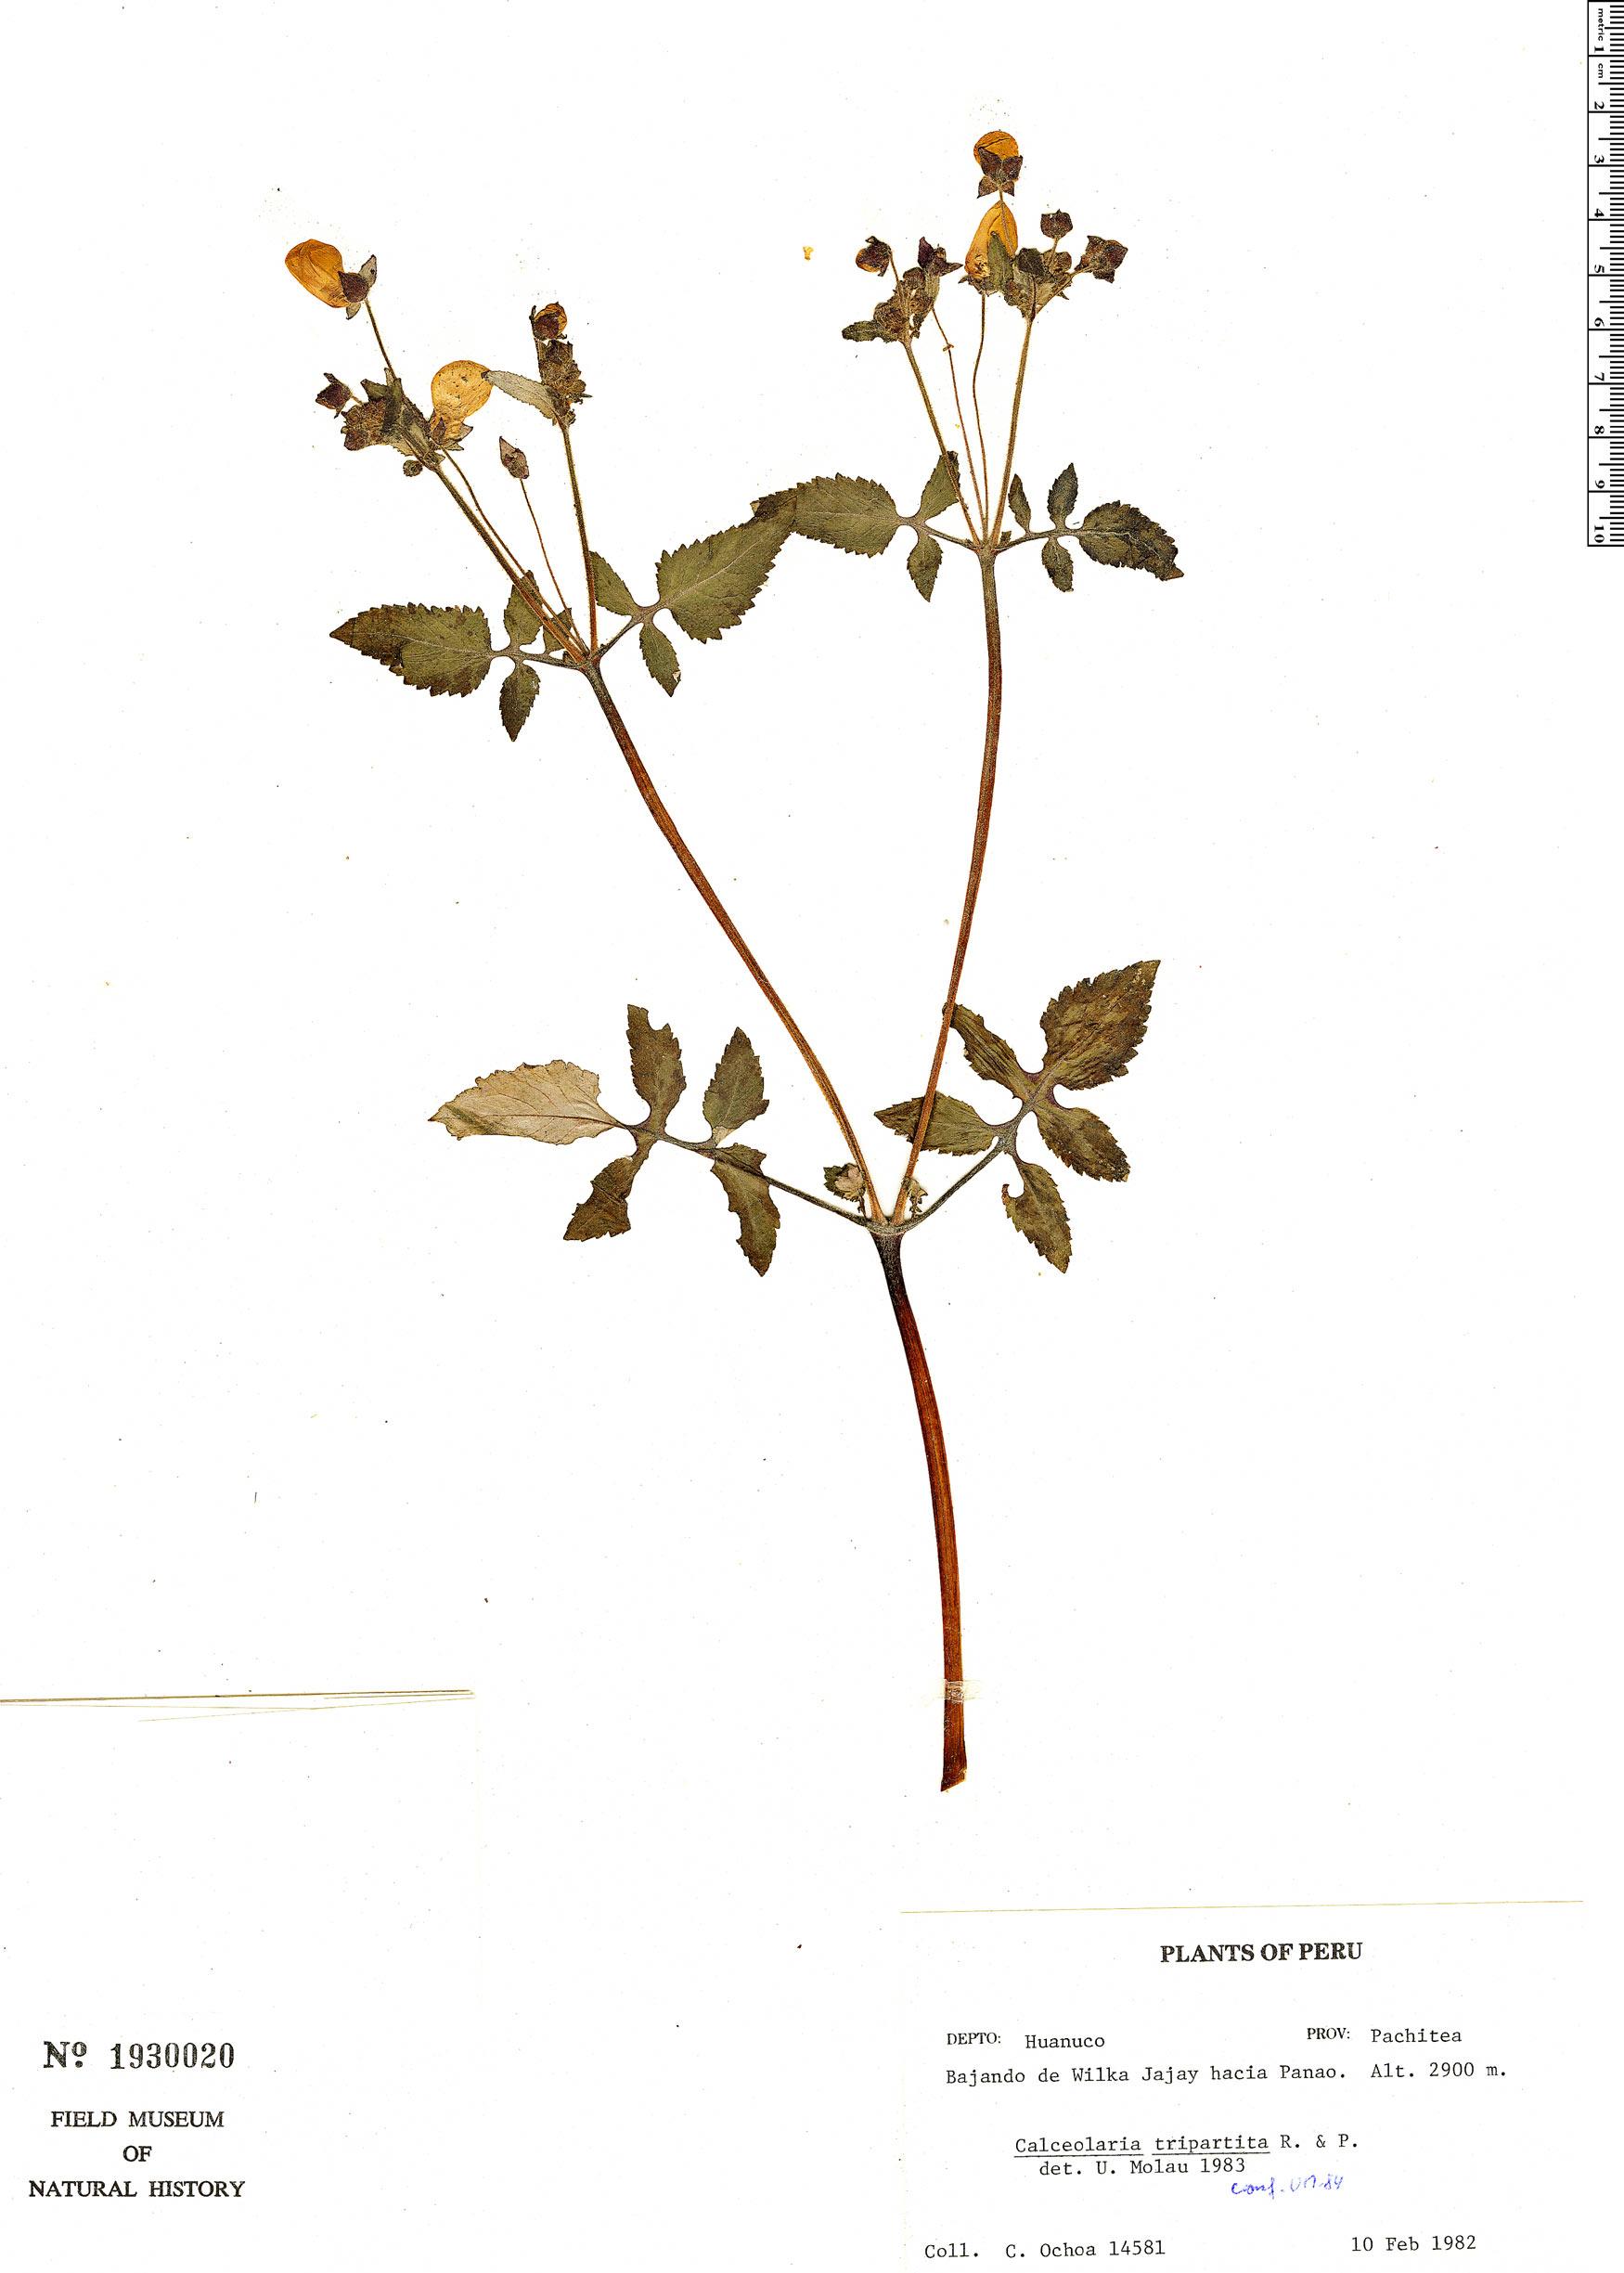 Specimen: Calceolaria tripartita